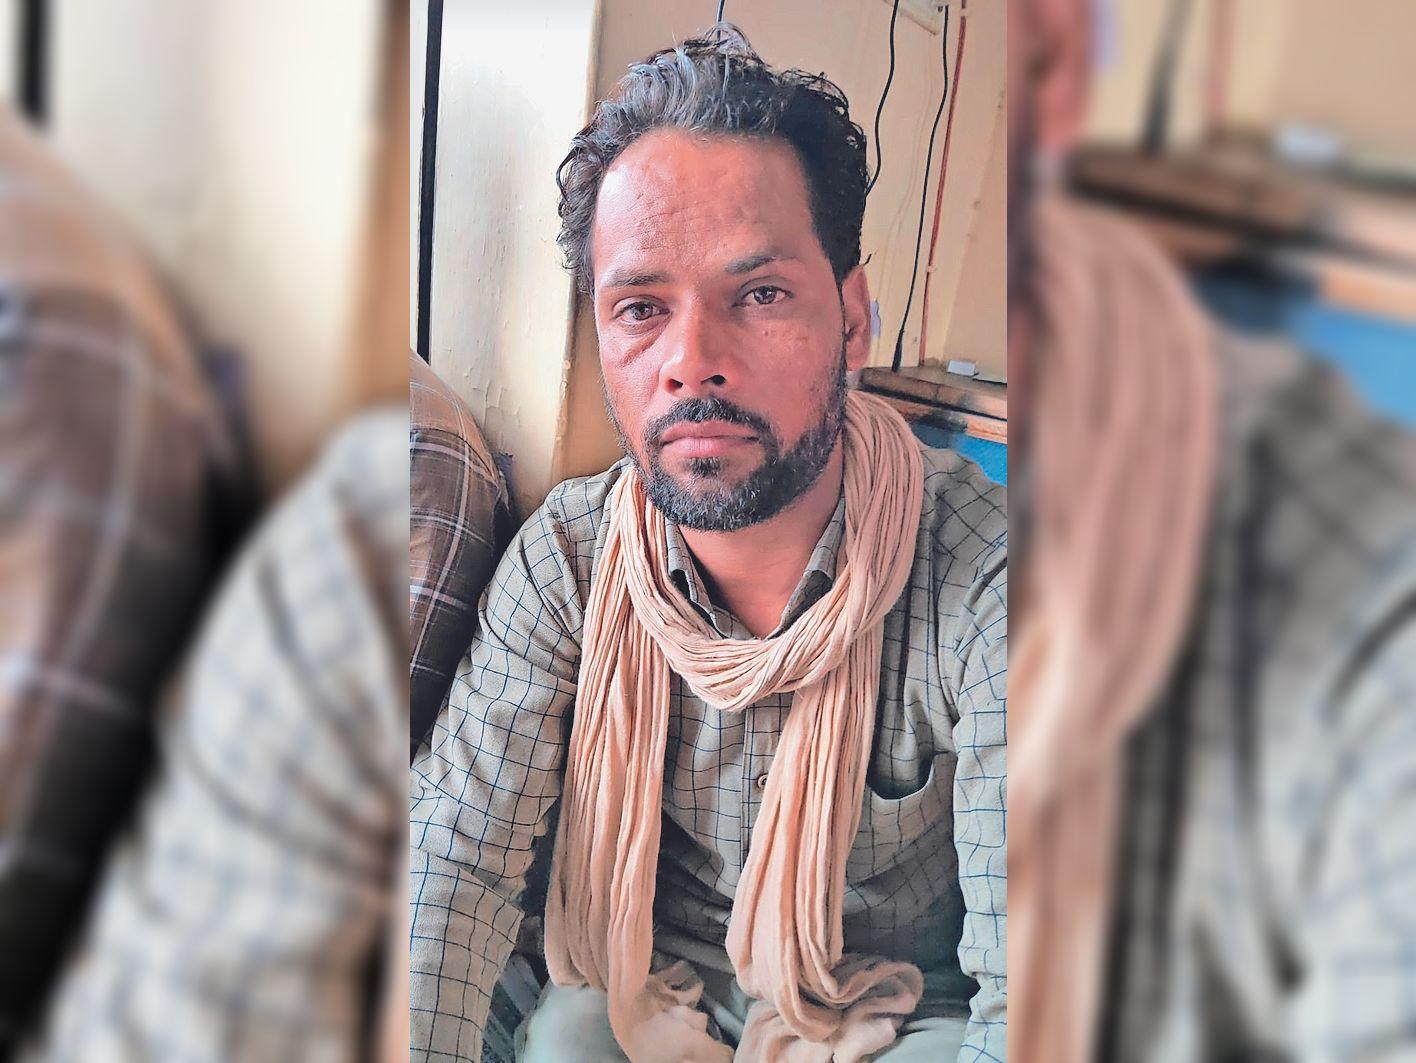 जमीन का इंतकाल दर्ज करने पटवारी ने 3 हजार घूस ली; 21 माह में 7 पकड़े गए, चालान 1 भी नहीं|बीकानेर,Bikaner - Dainik Bhaskar